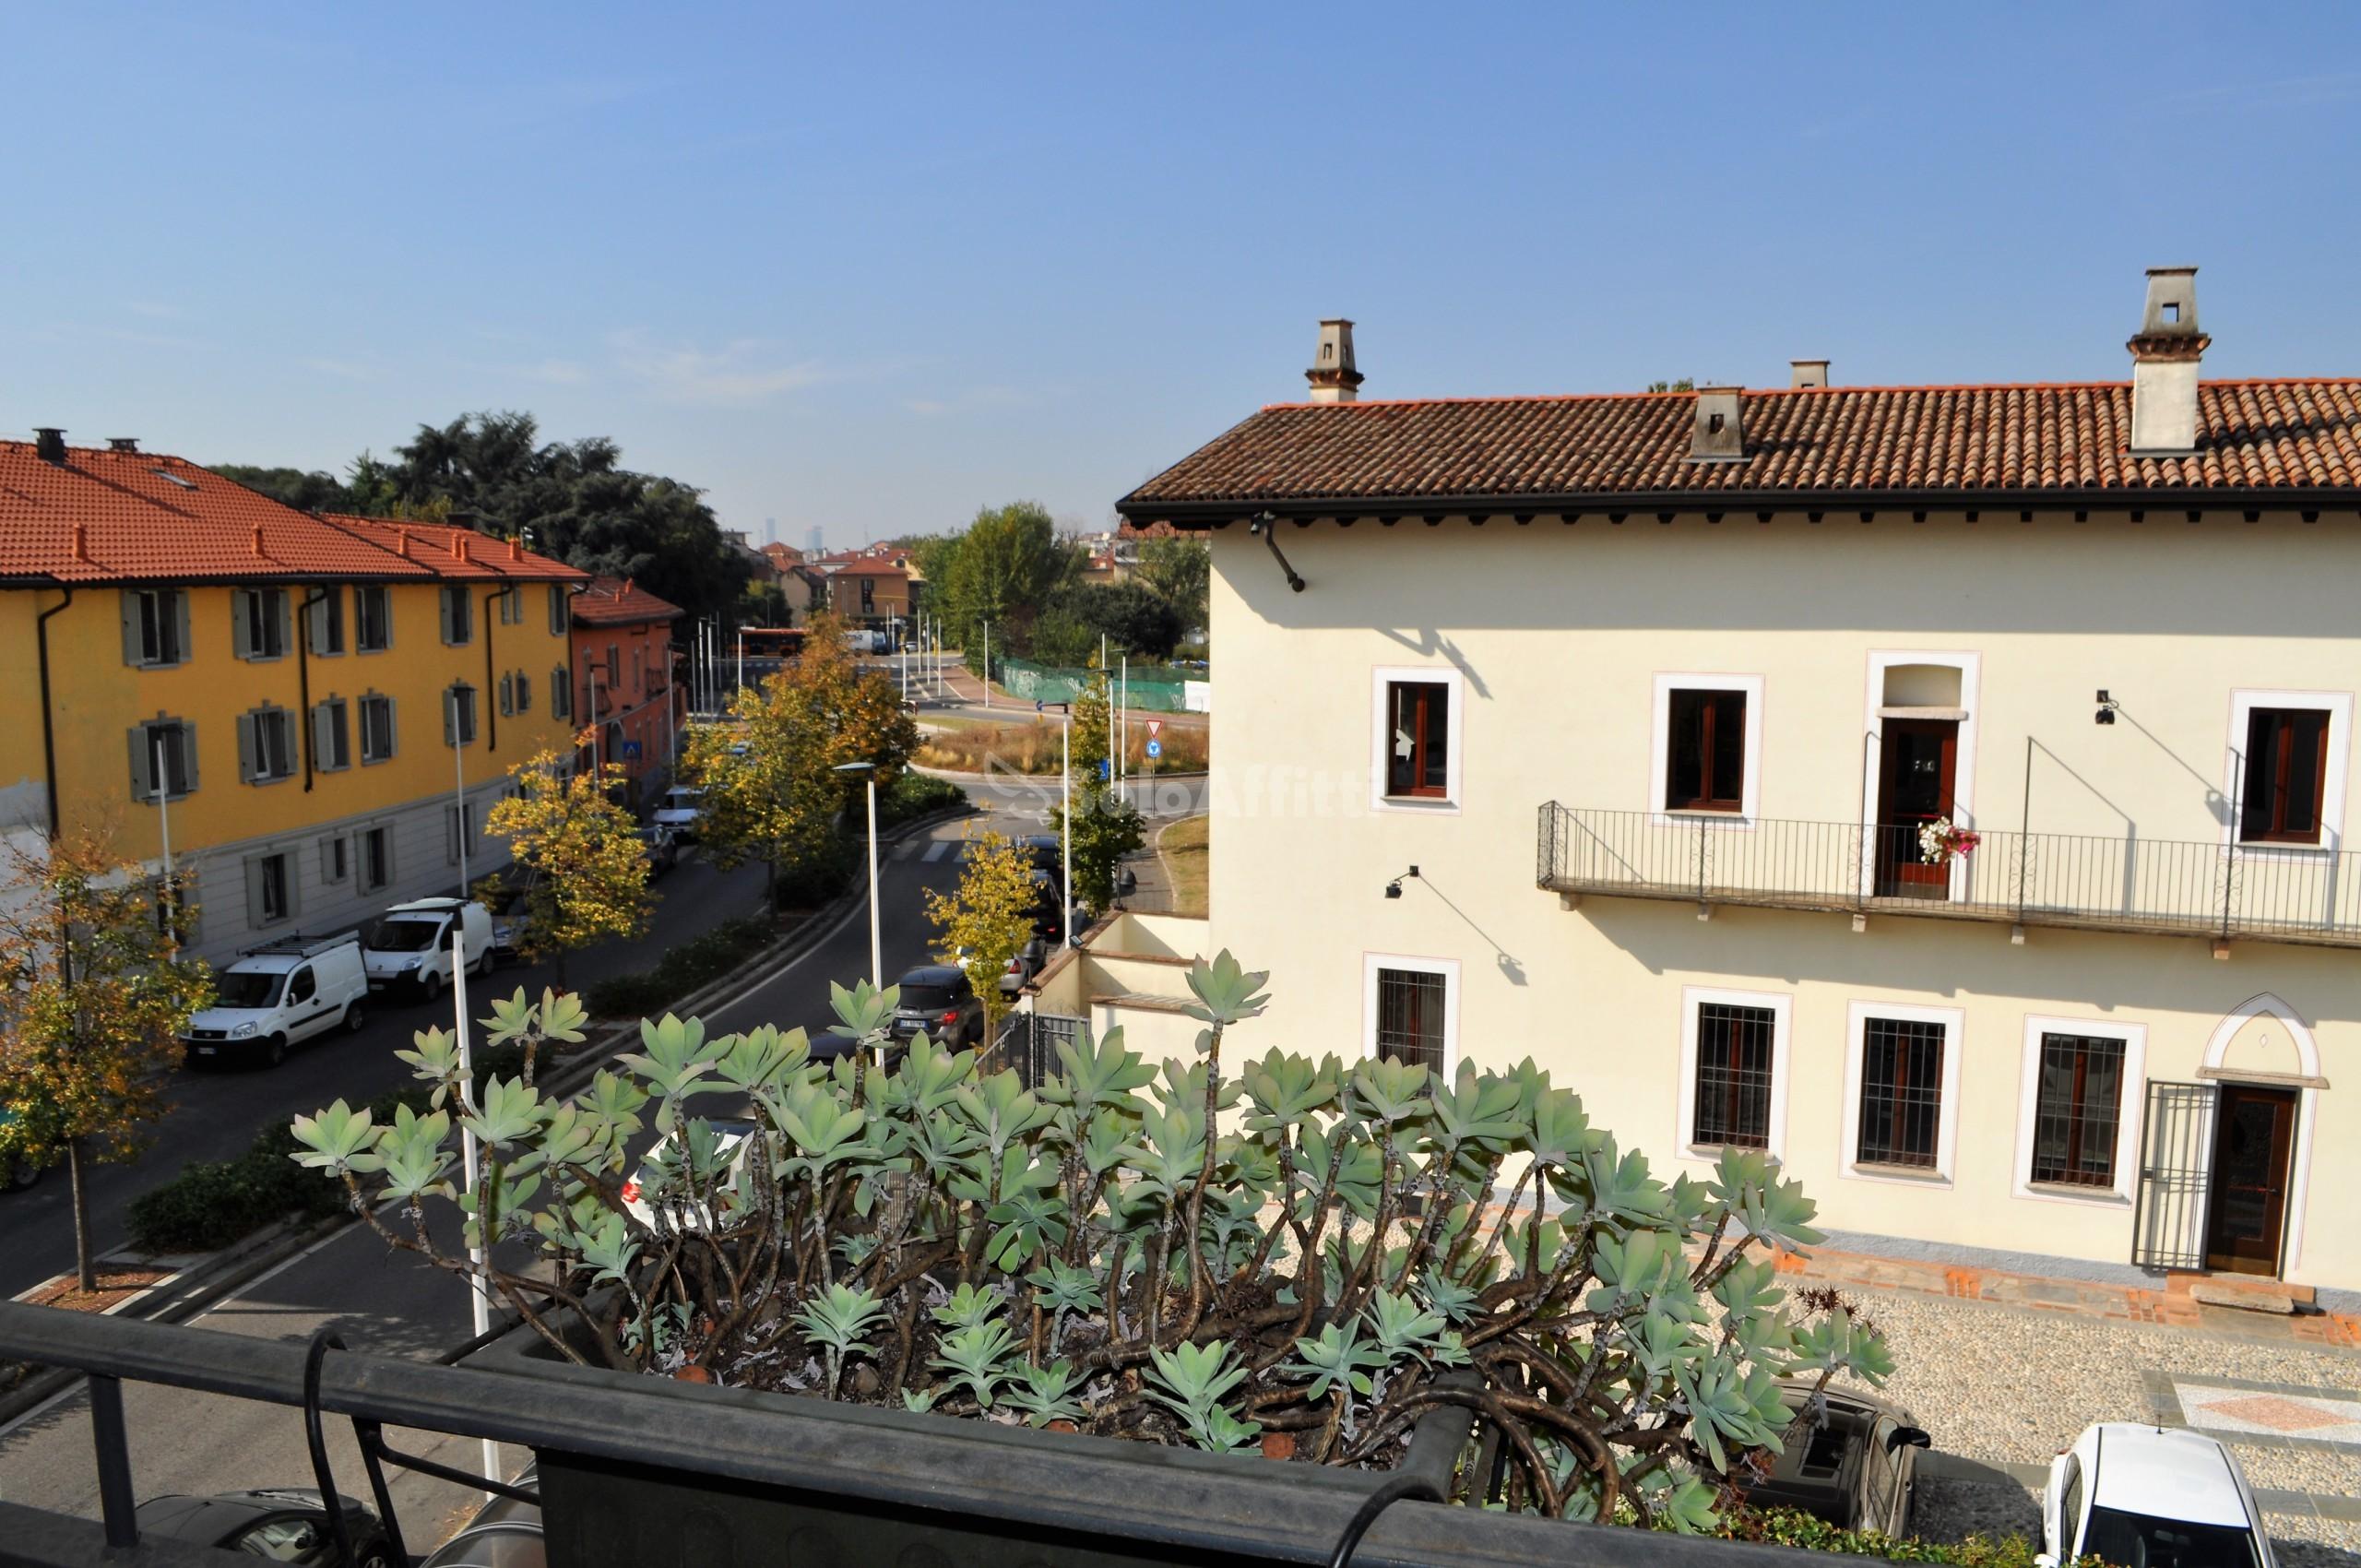 Affitto appartamento trilocale arredato 100 mq for Appartamento arredato milano